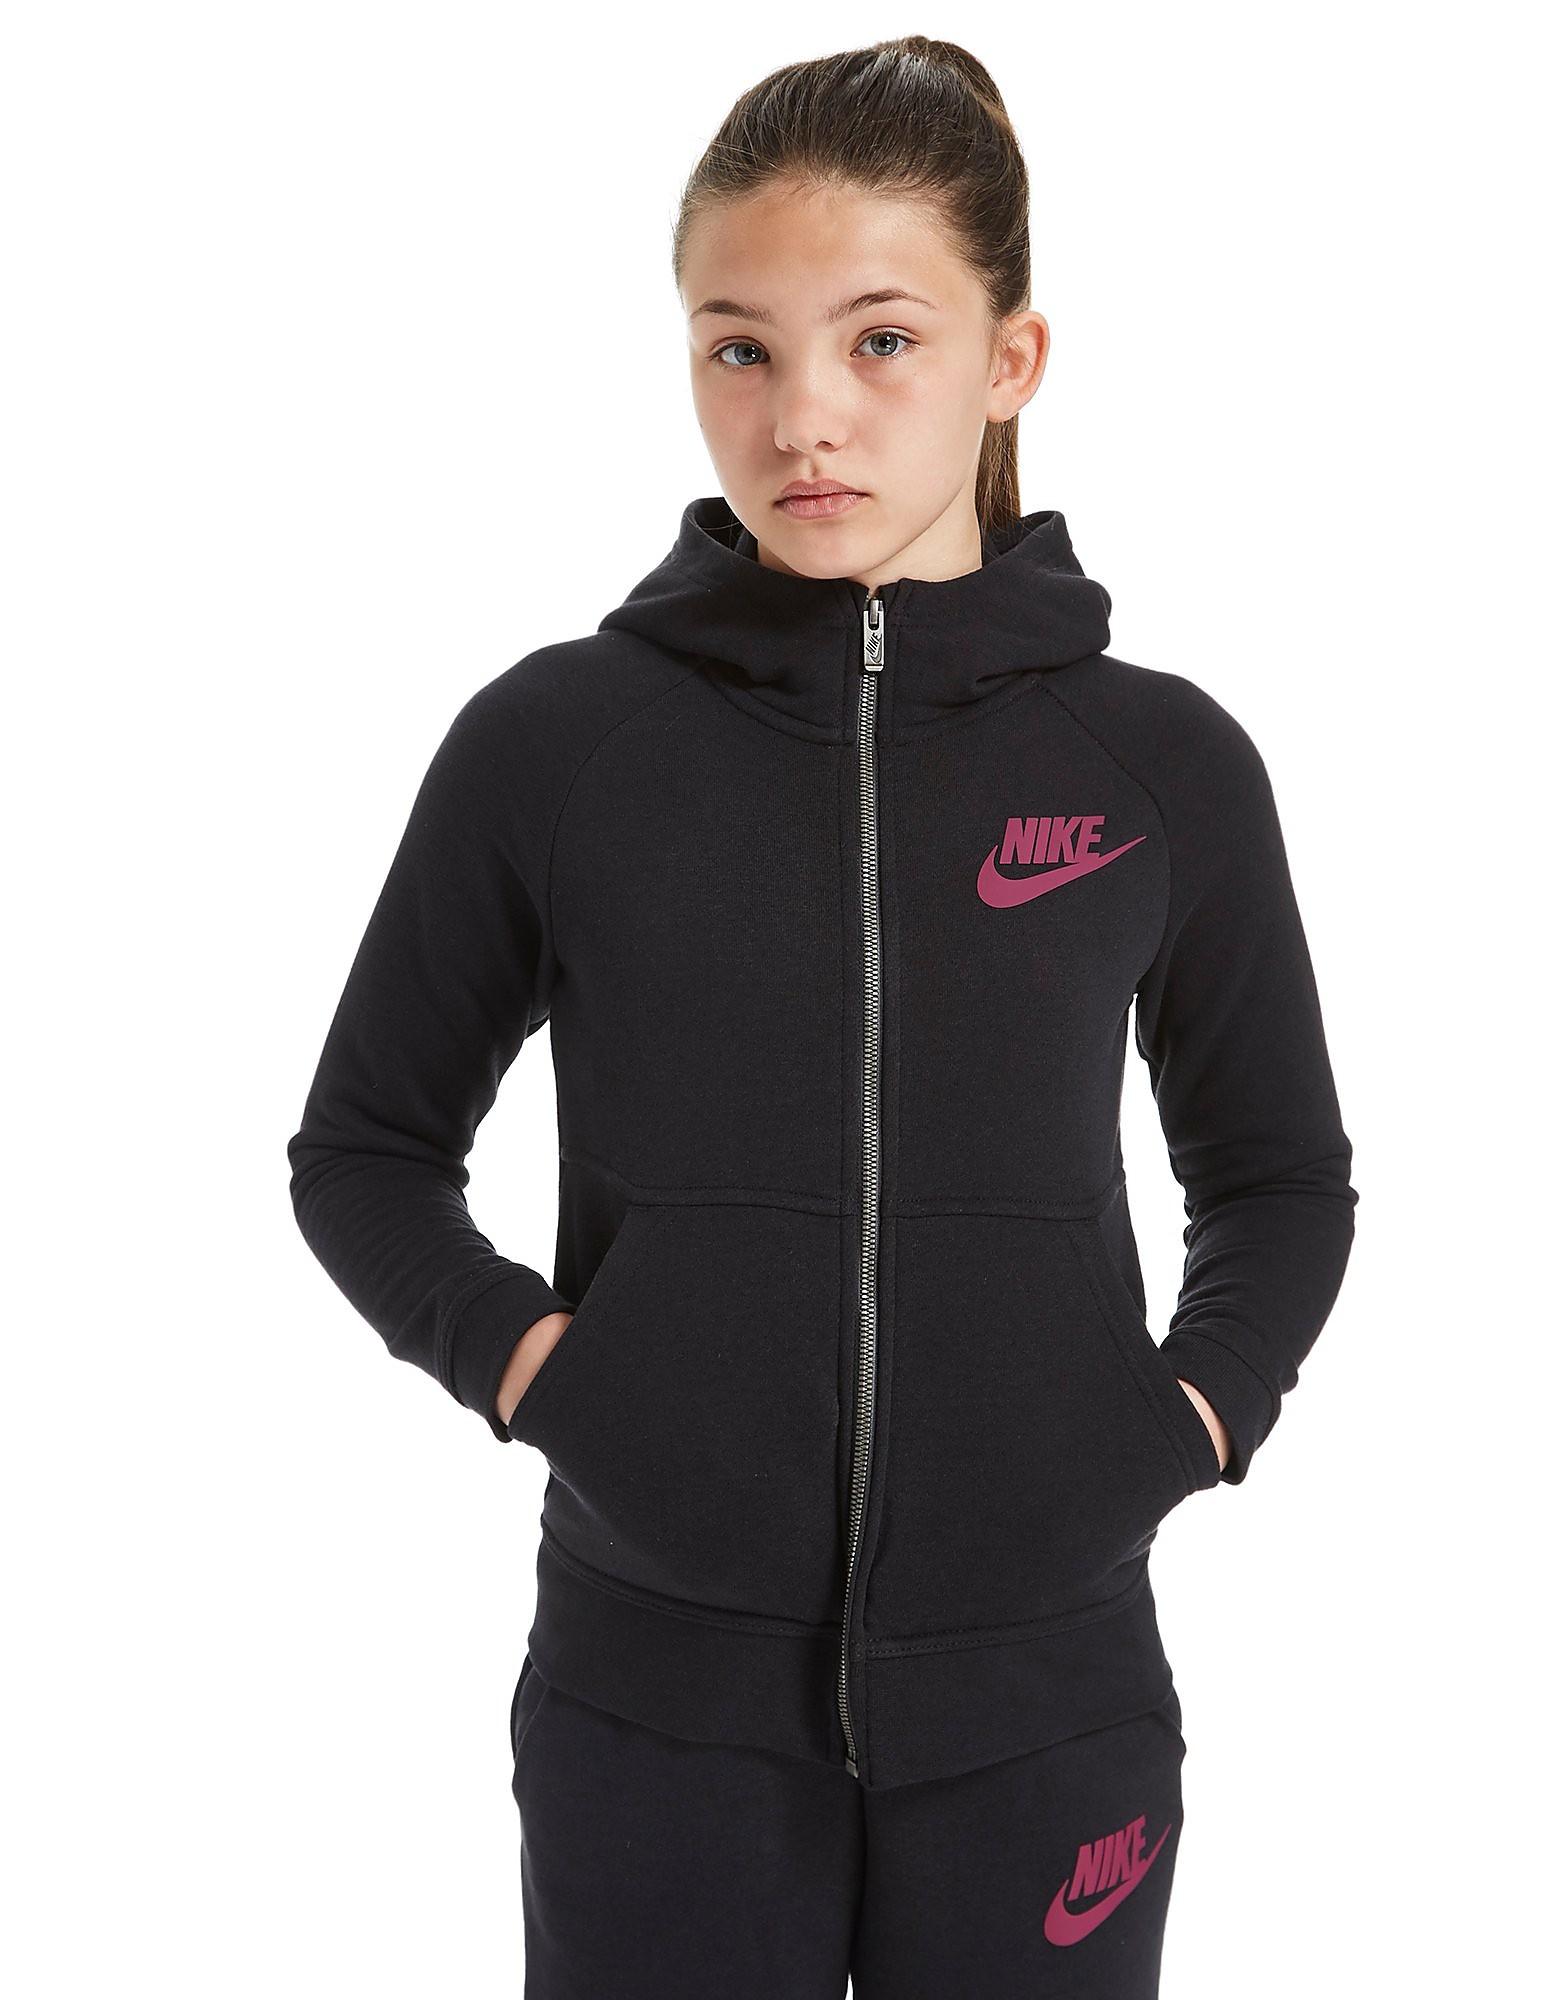 Nike Modern Full Zip Huvtröja Junior Flick